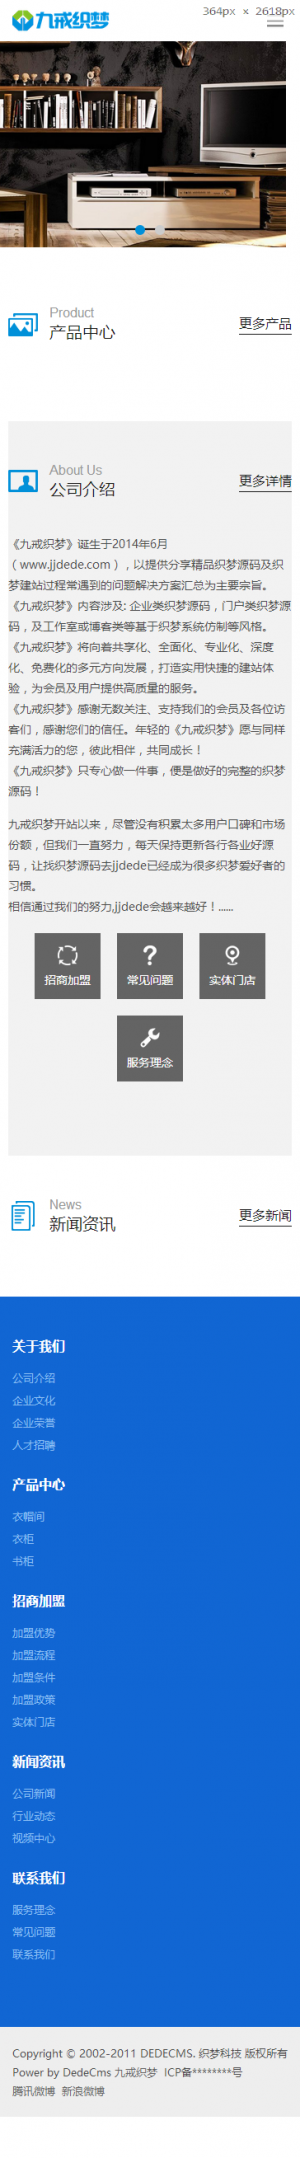 响应式家居衣柜橱柜网站织梦模板(自适应)手机端演示